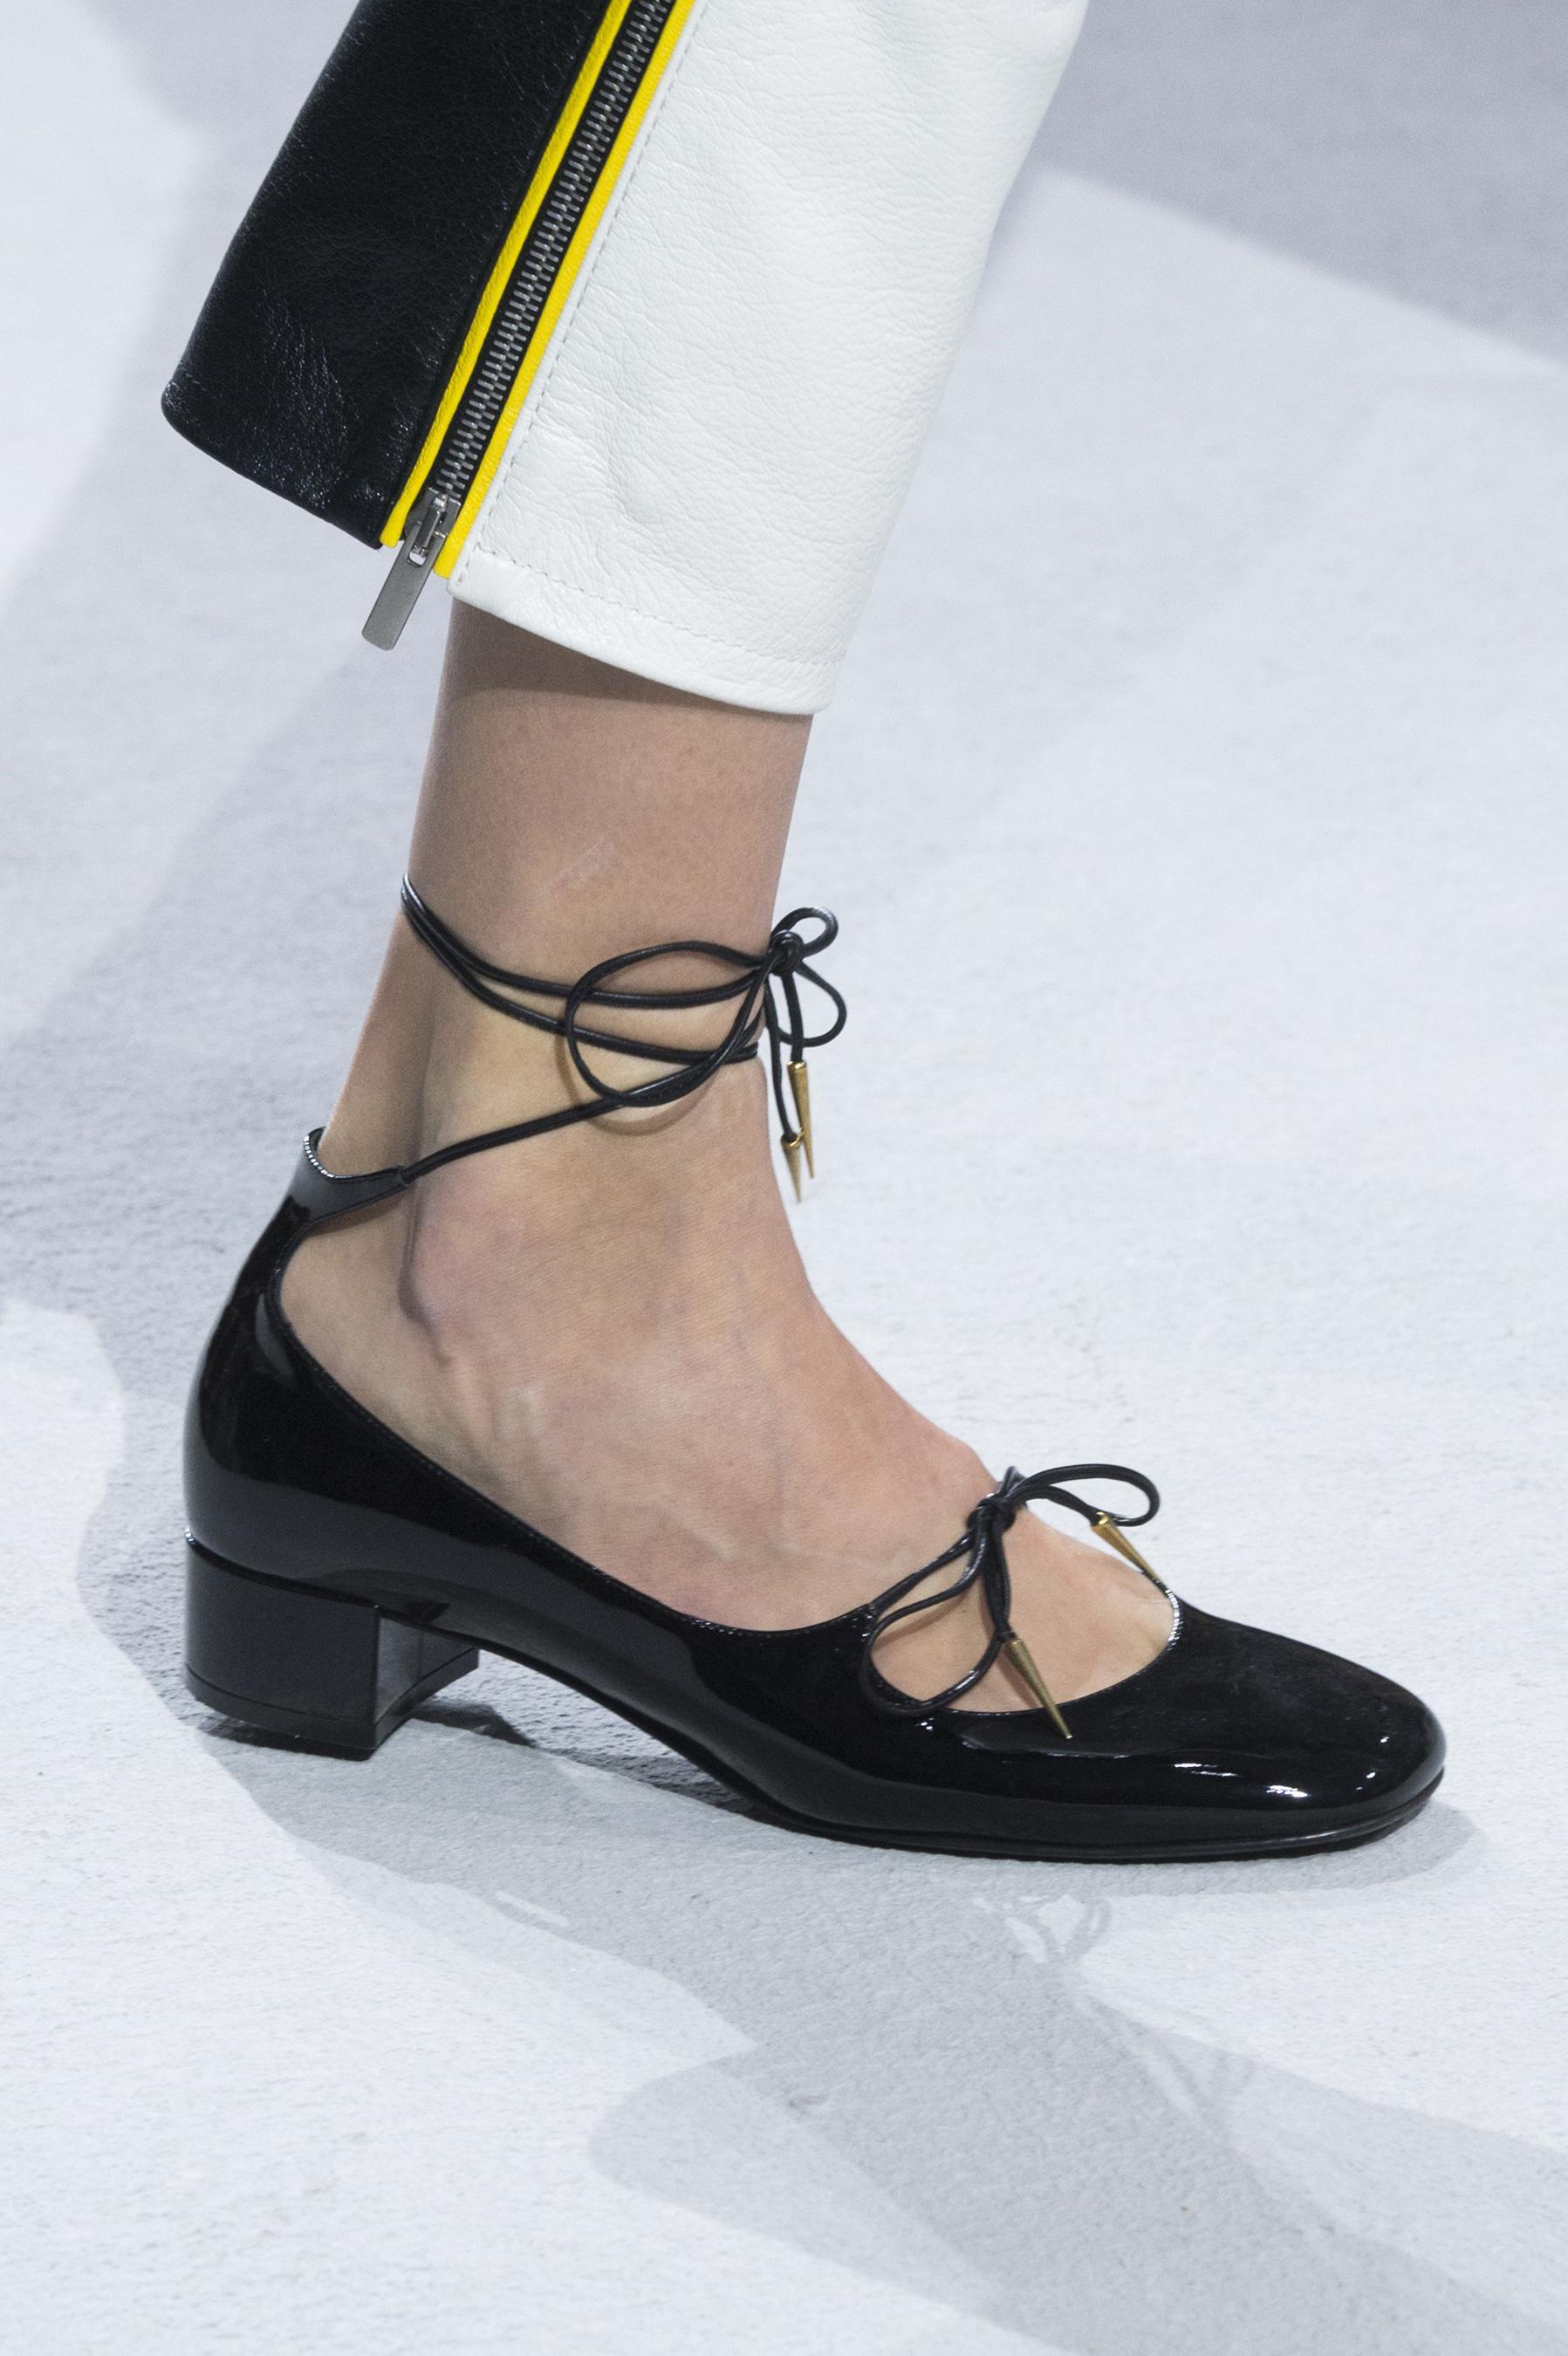 Christian Dior весна лето 2018 туфли